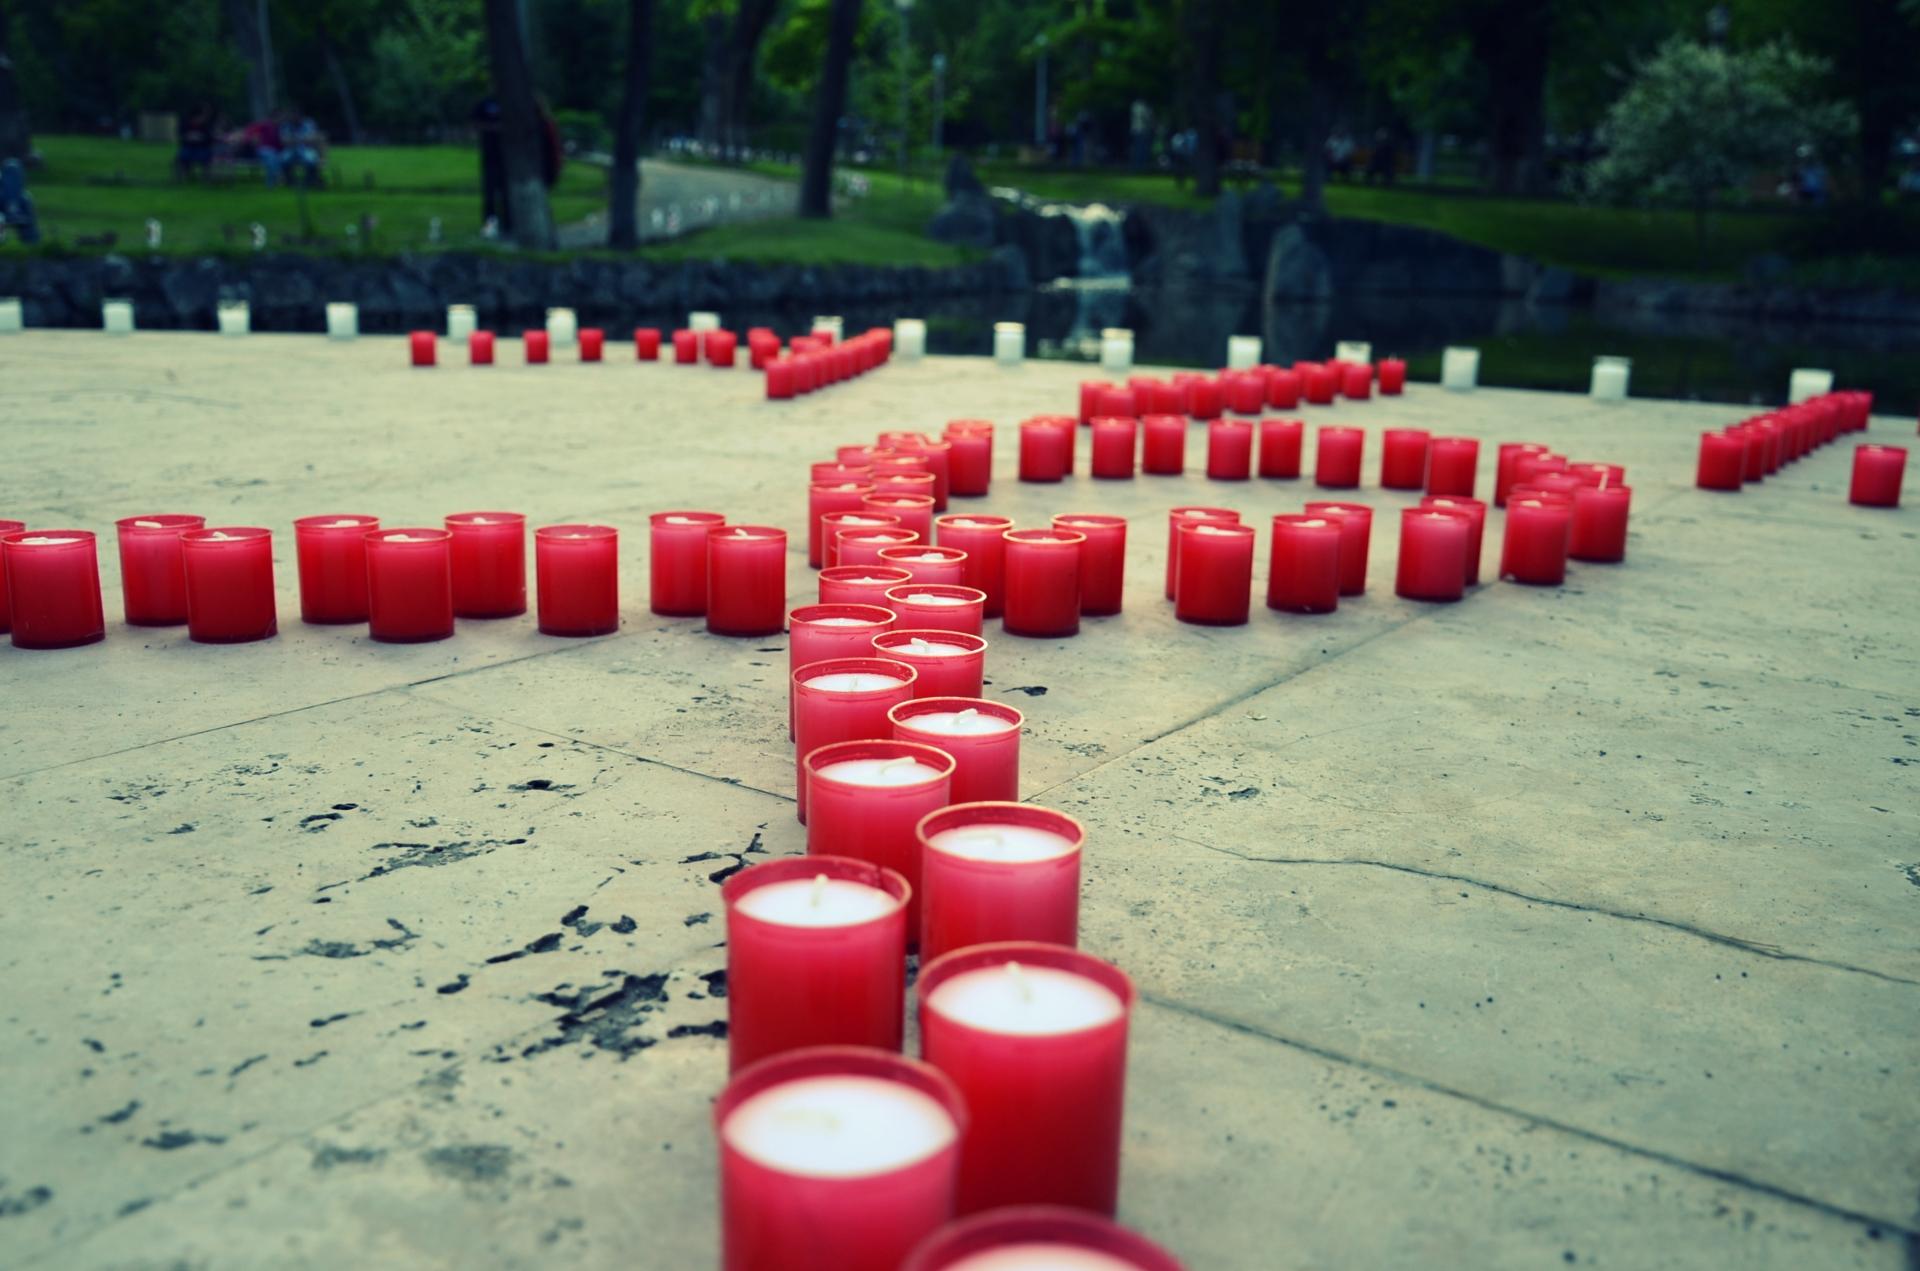 ՄԻԱՎ-ի կանխարգելումը Հայաստանում